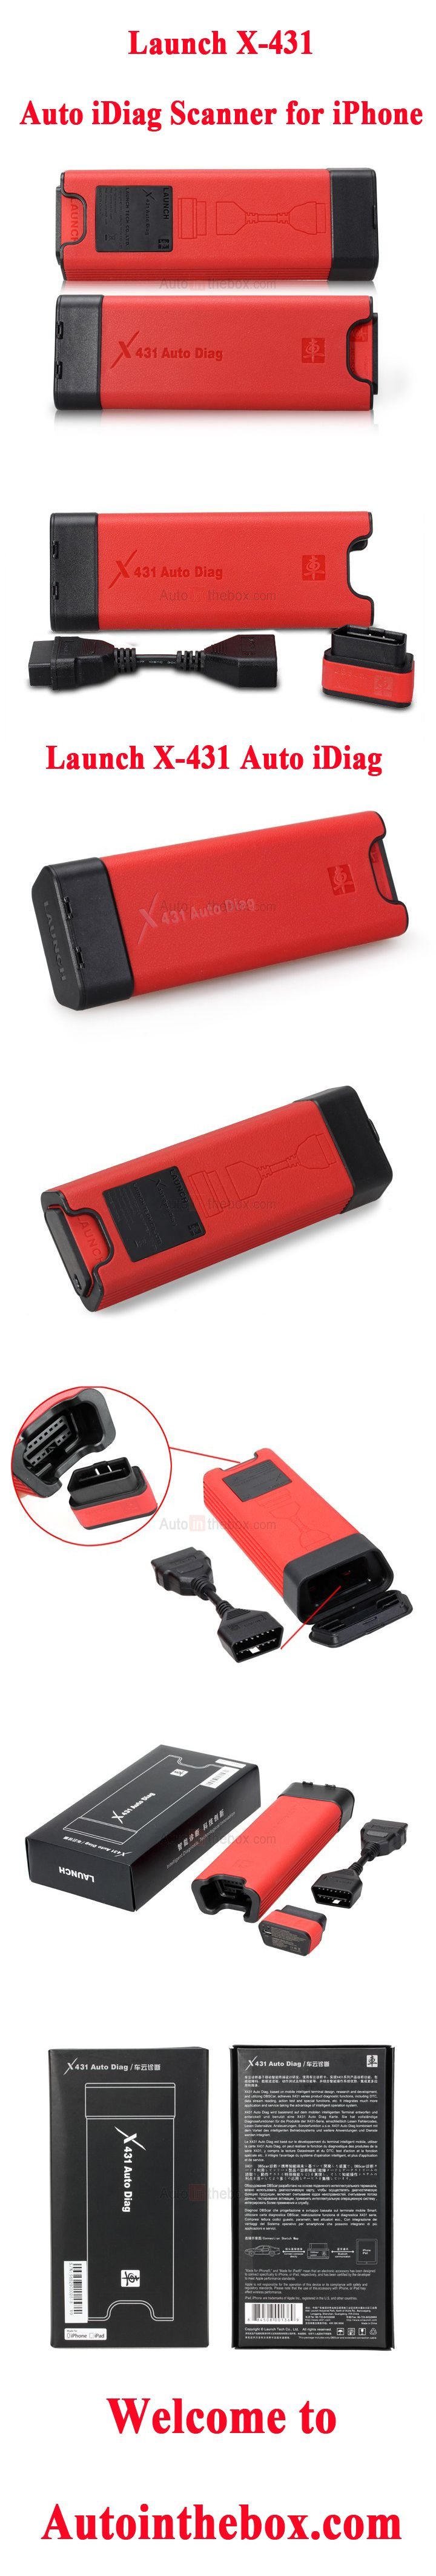 9c1e7f0957bf5f82ffc427e20d1b5eb6--tool-crps Wunderschöne Bewegungsmelder Außen Mit Batterie Dekorationen